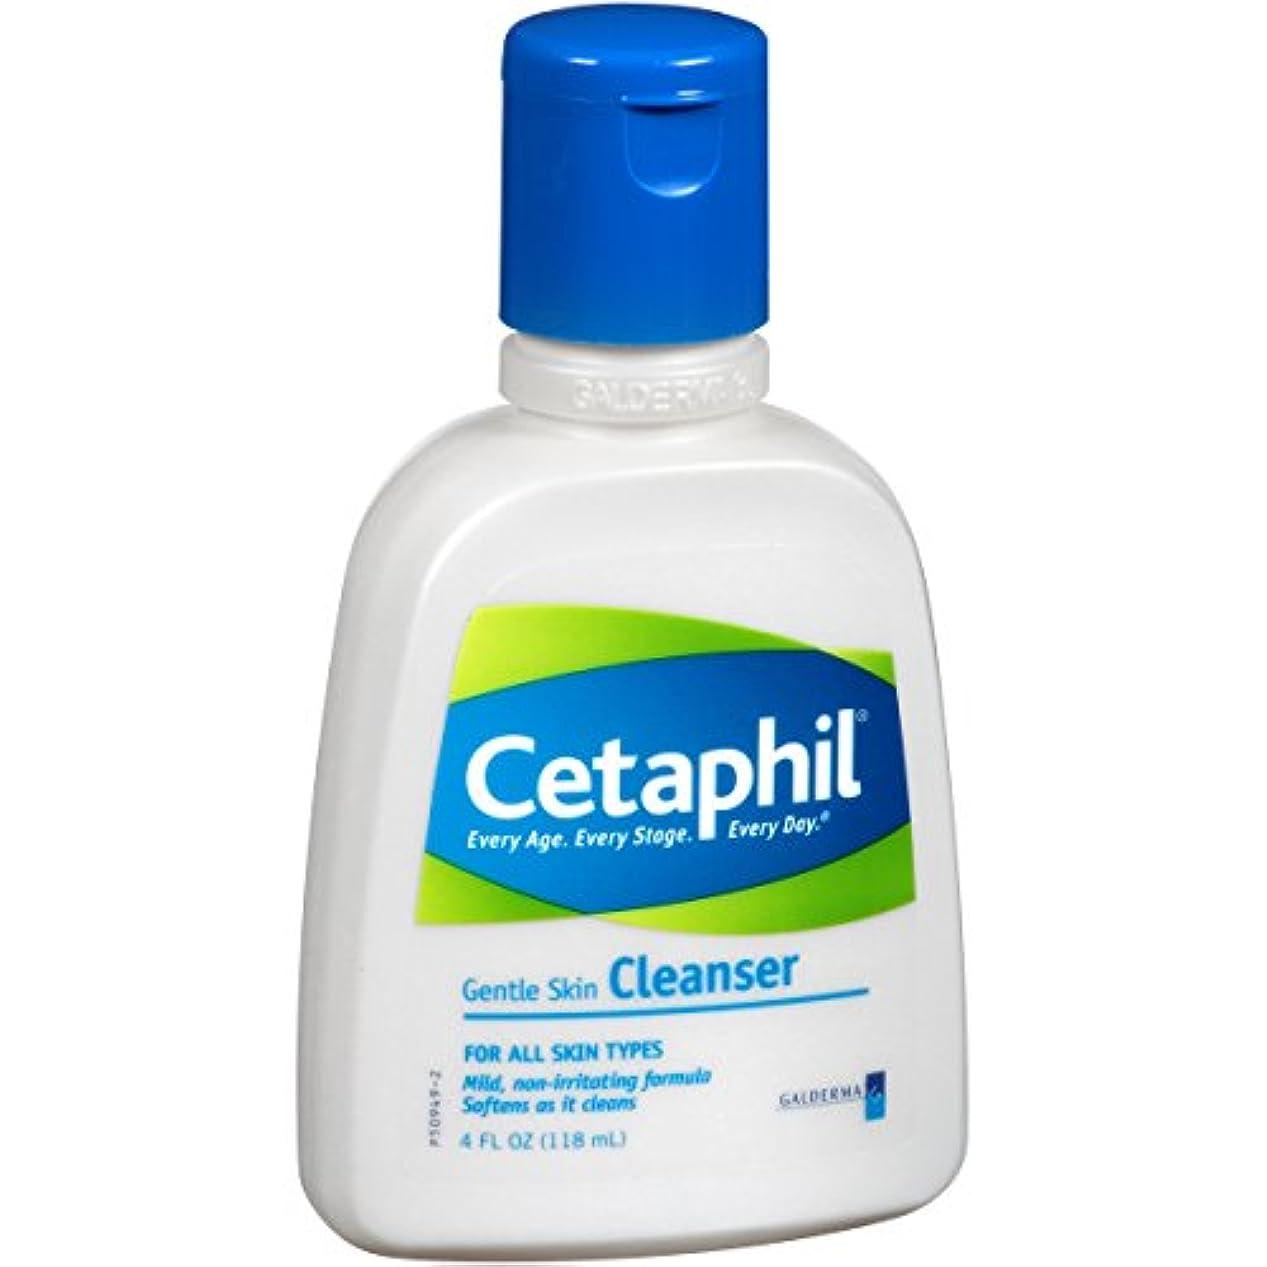 気取らない符号くぼみCetaphil ジェントルスキンクレンザーボトル、4流体オンス